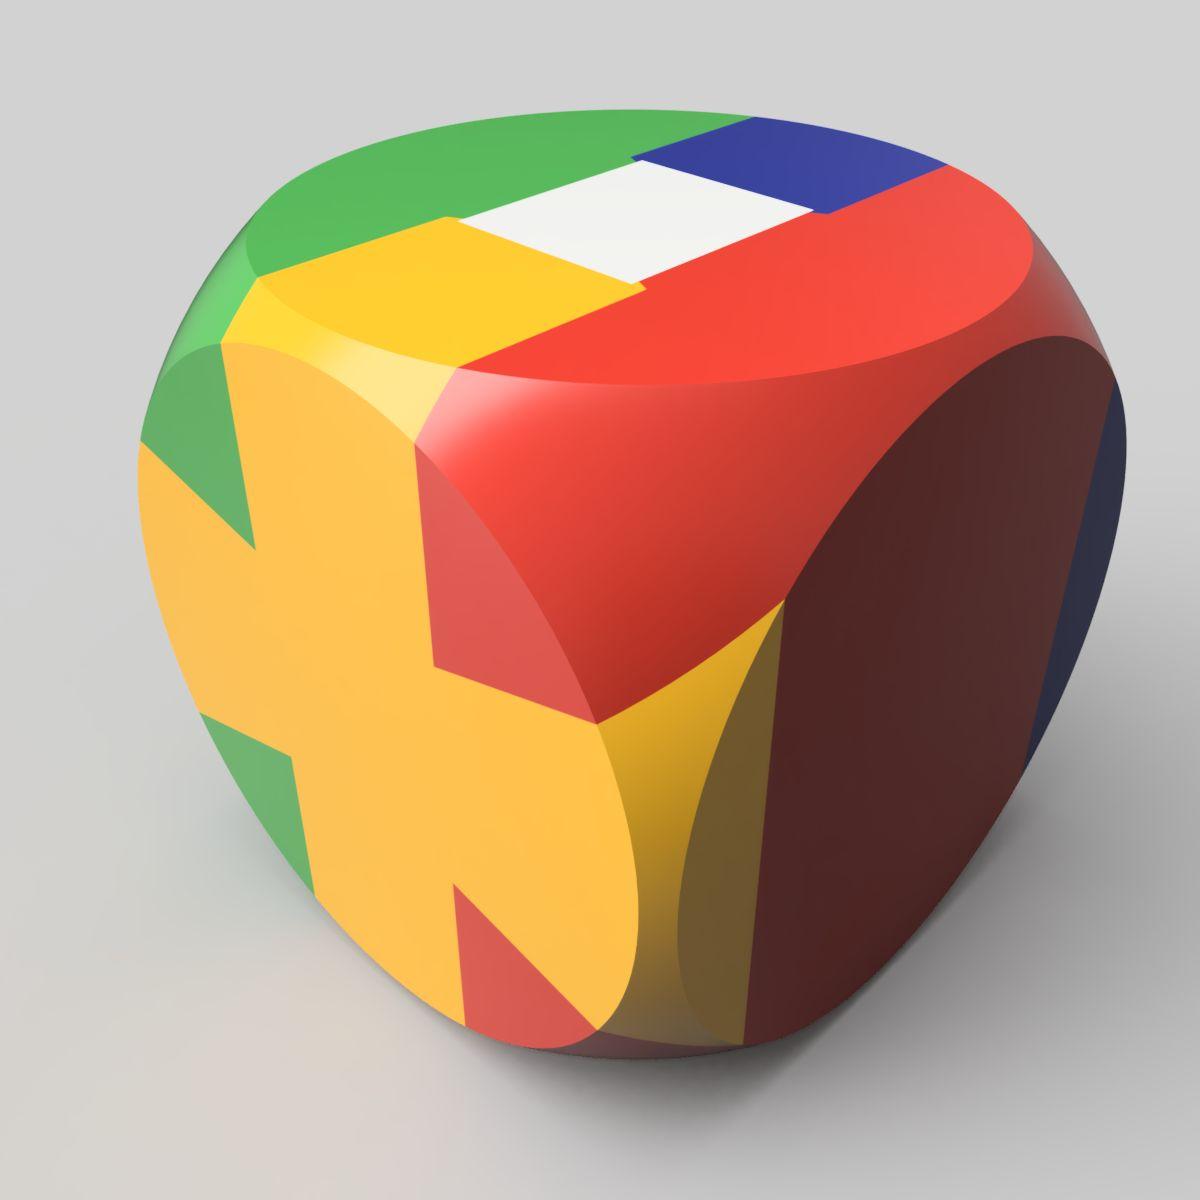 Puzzle1-1-3500-3500